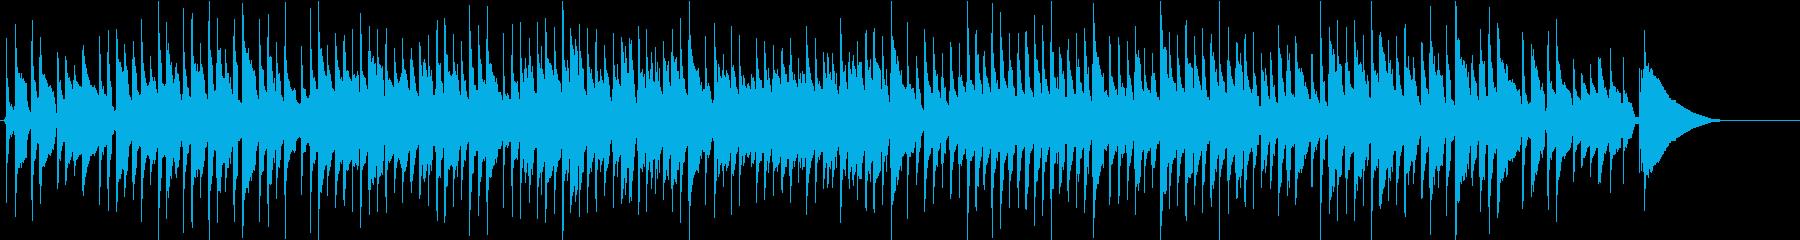 アコギ生演奏 クリスマス ワルツの再生済みの波形